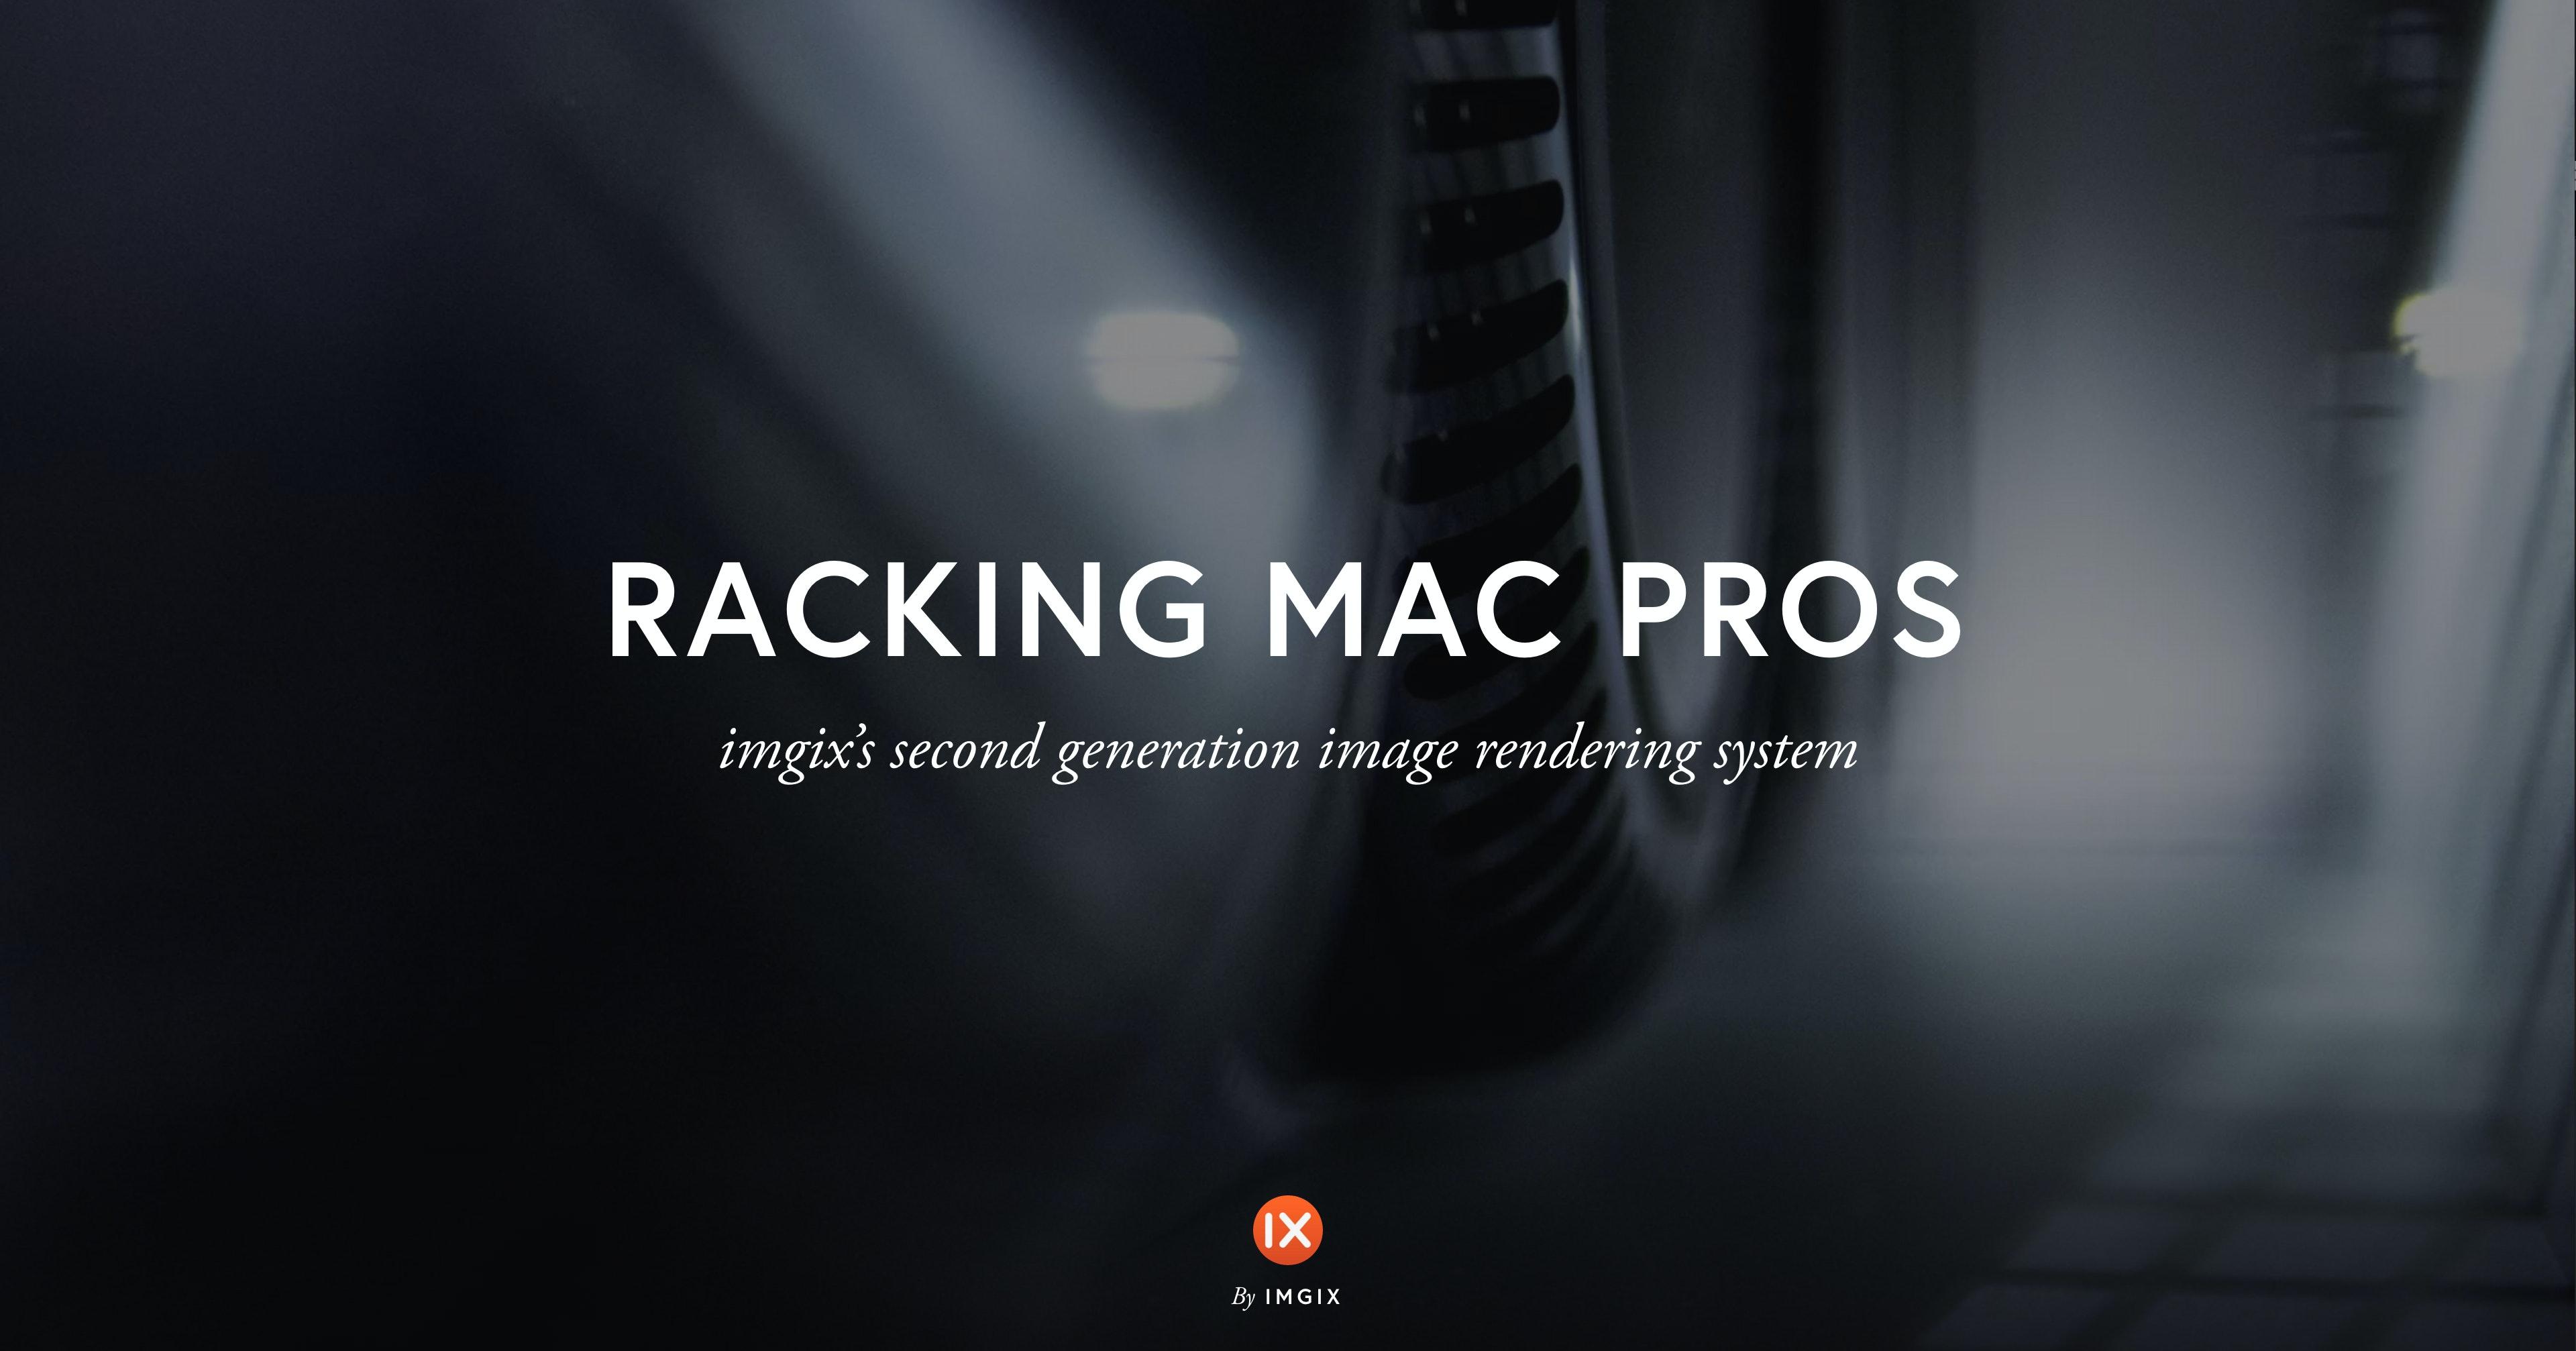 Racking Mac Pros